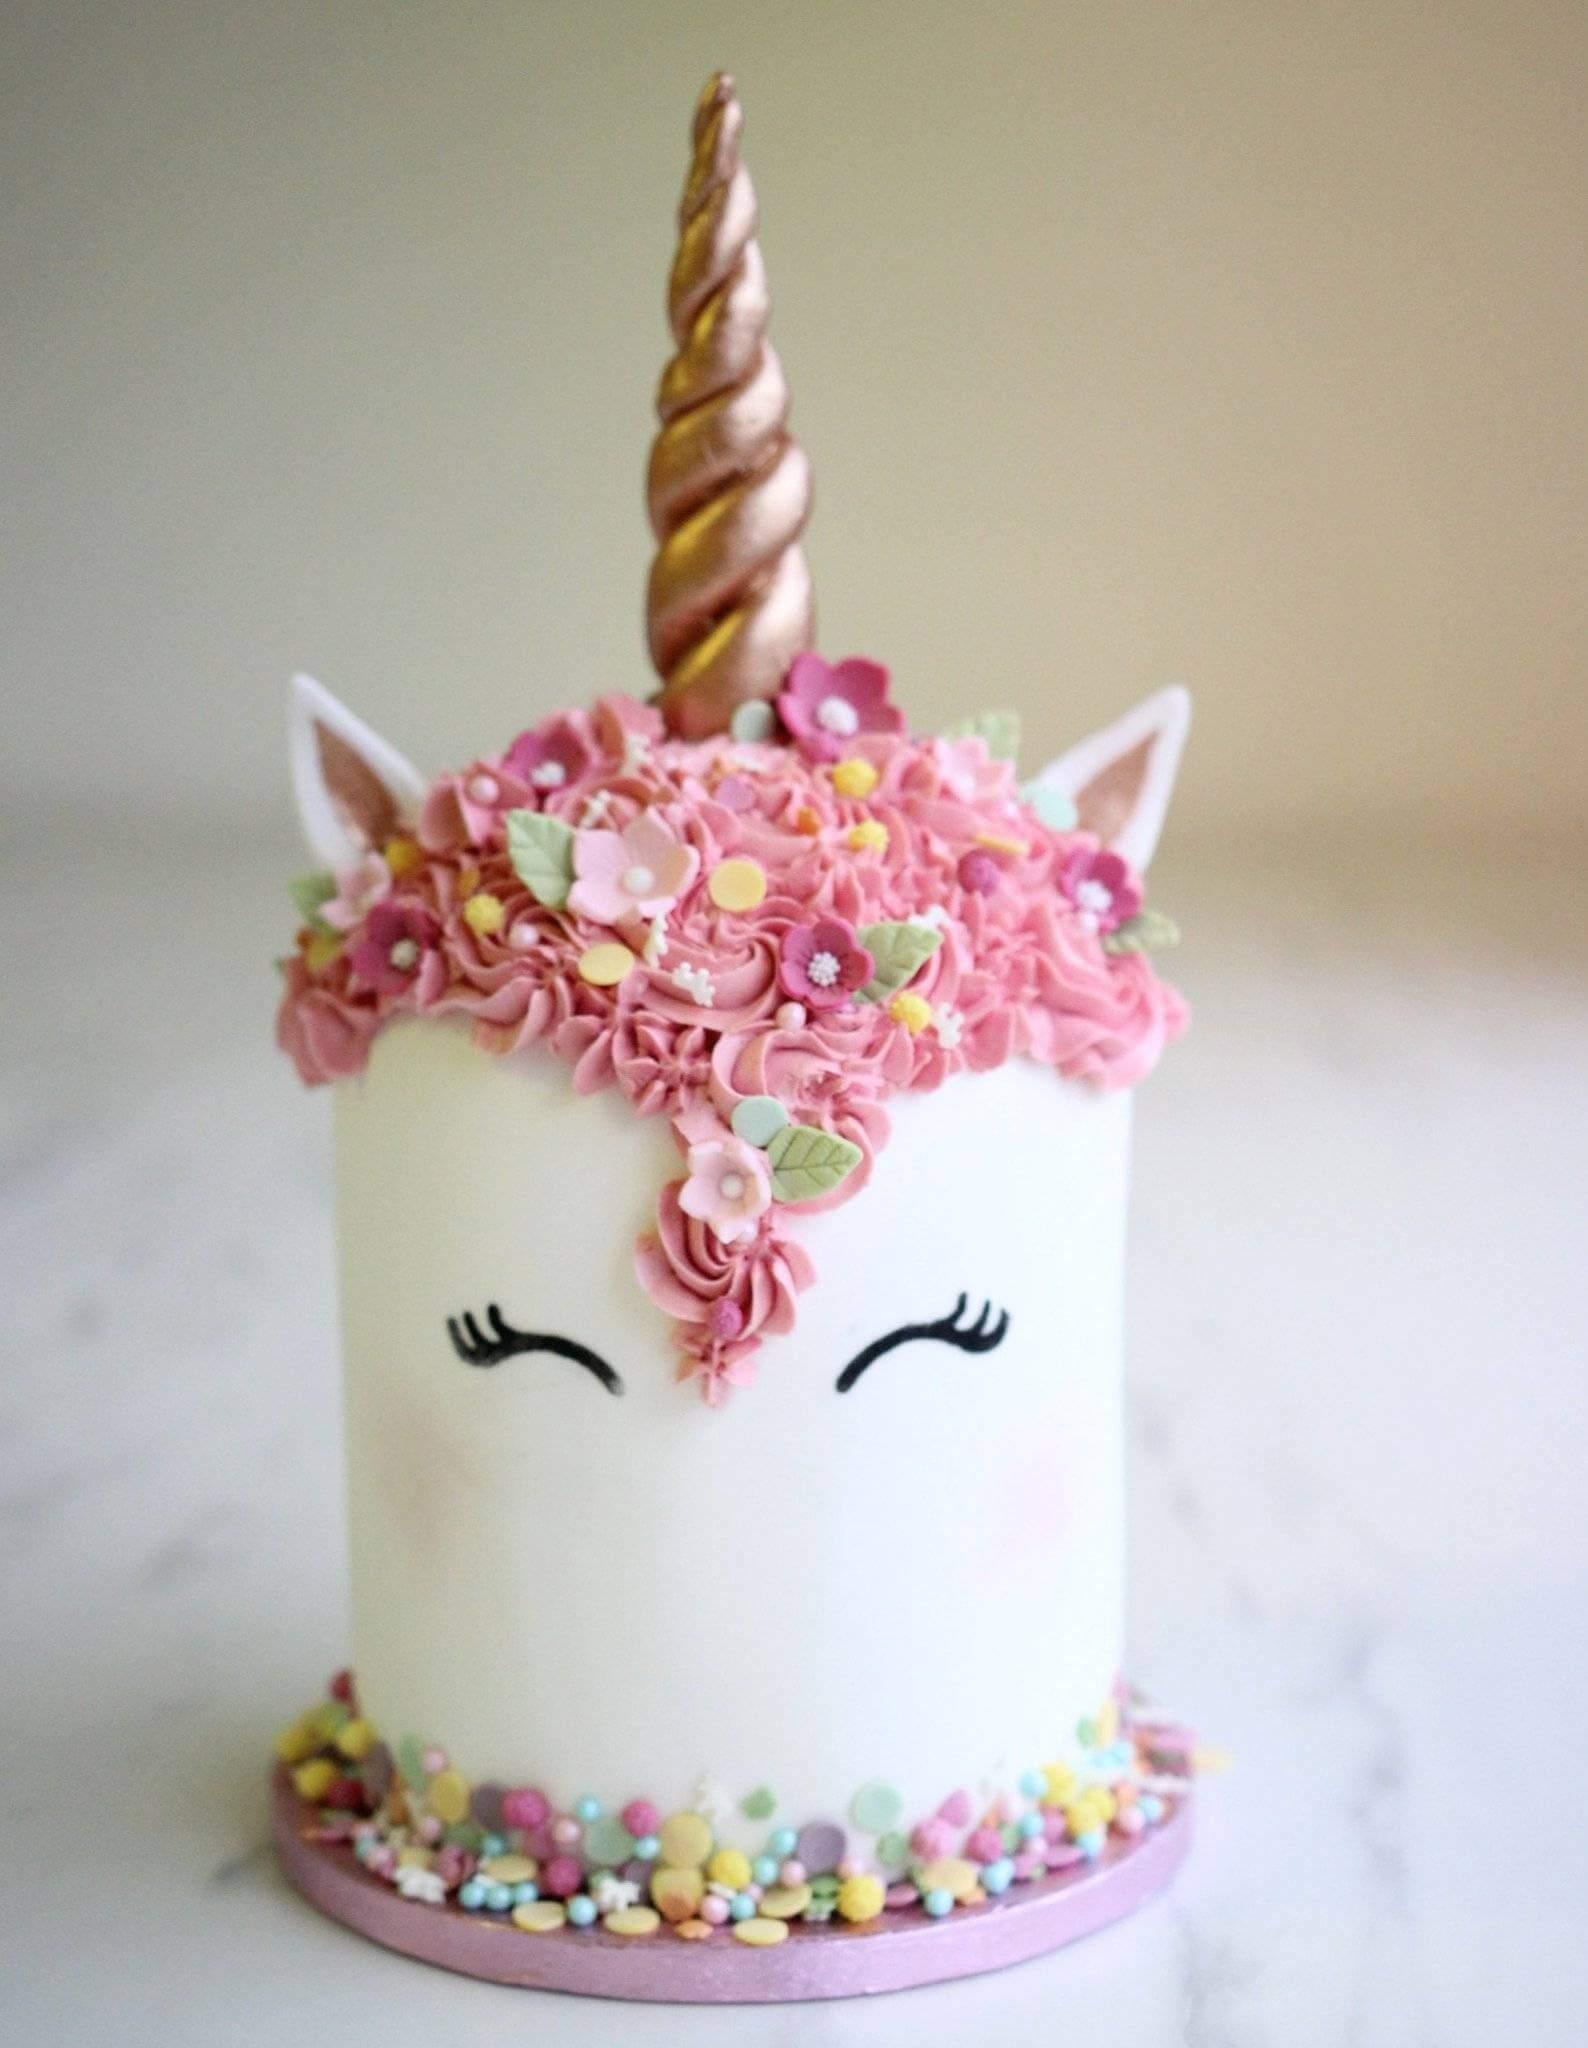 Edible Printing Large Unicorn Eyes Planete Gateau Cake